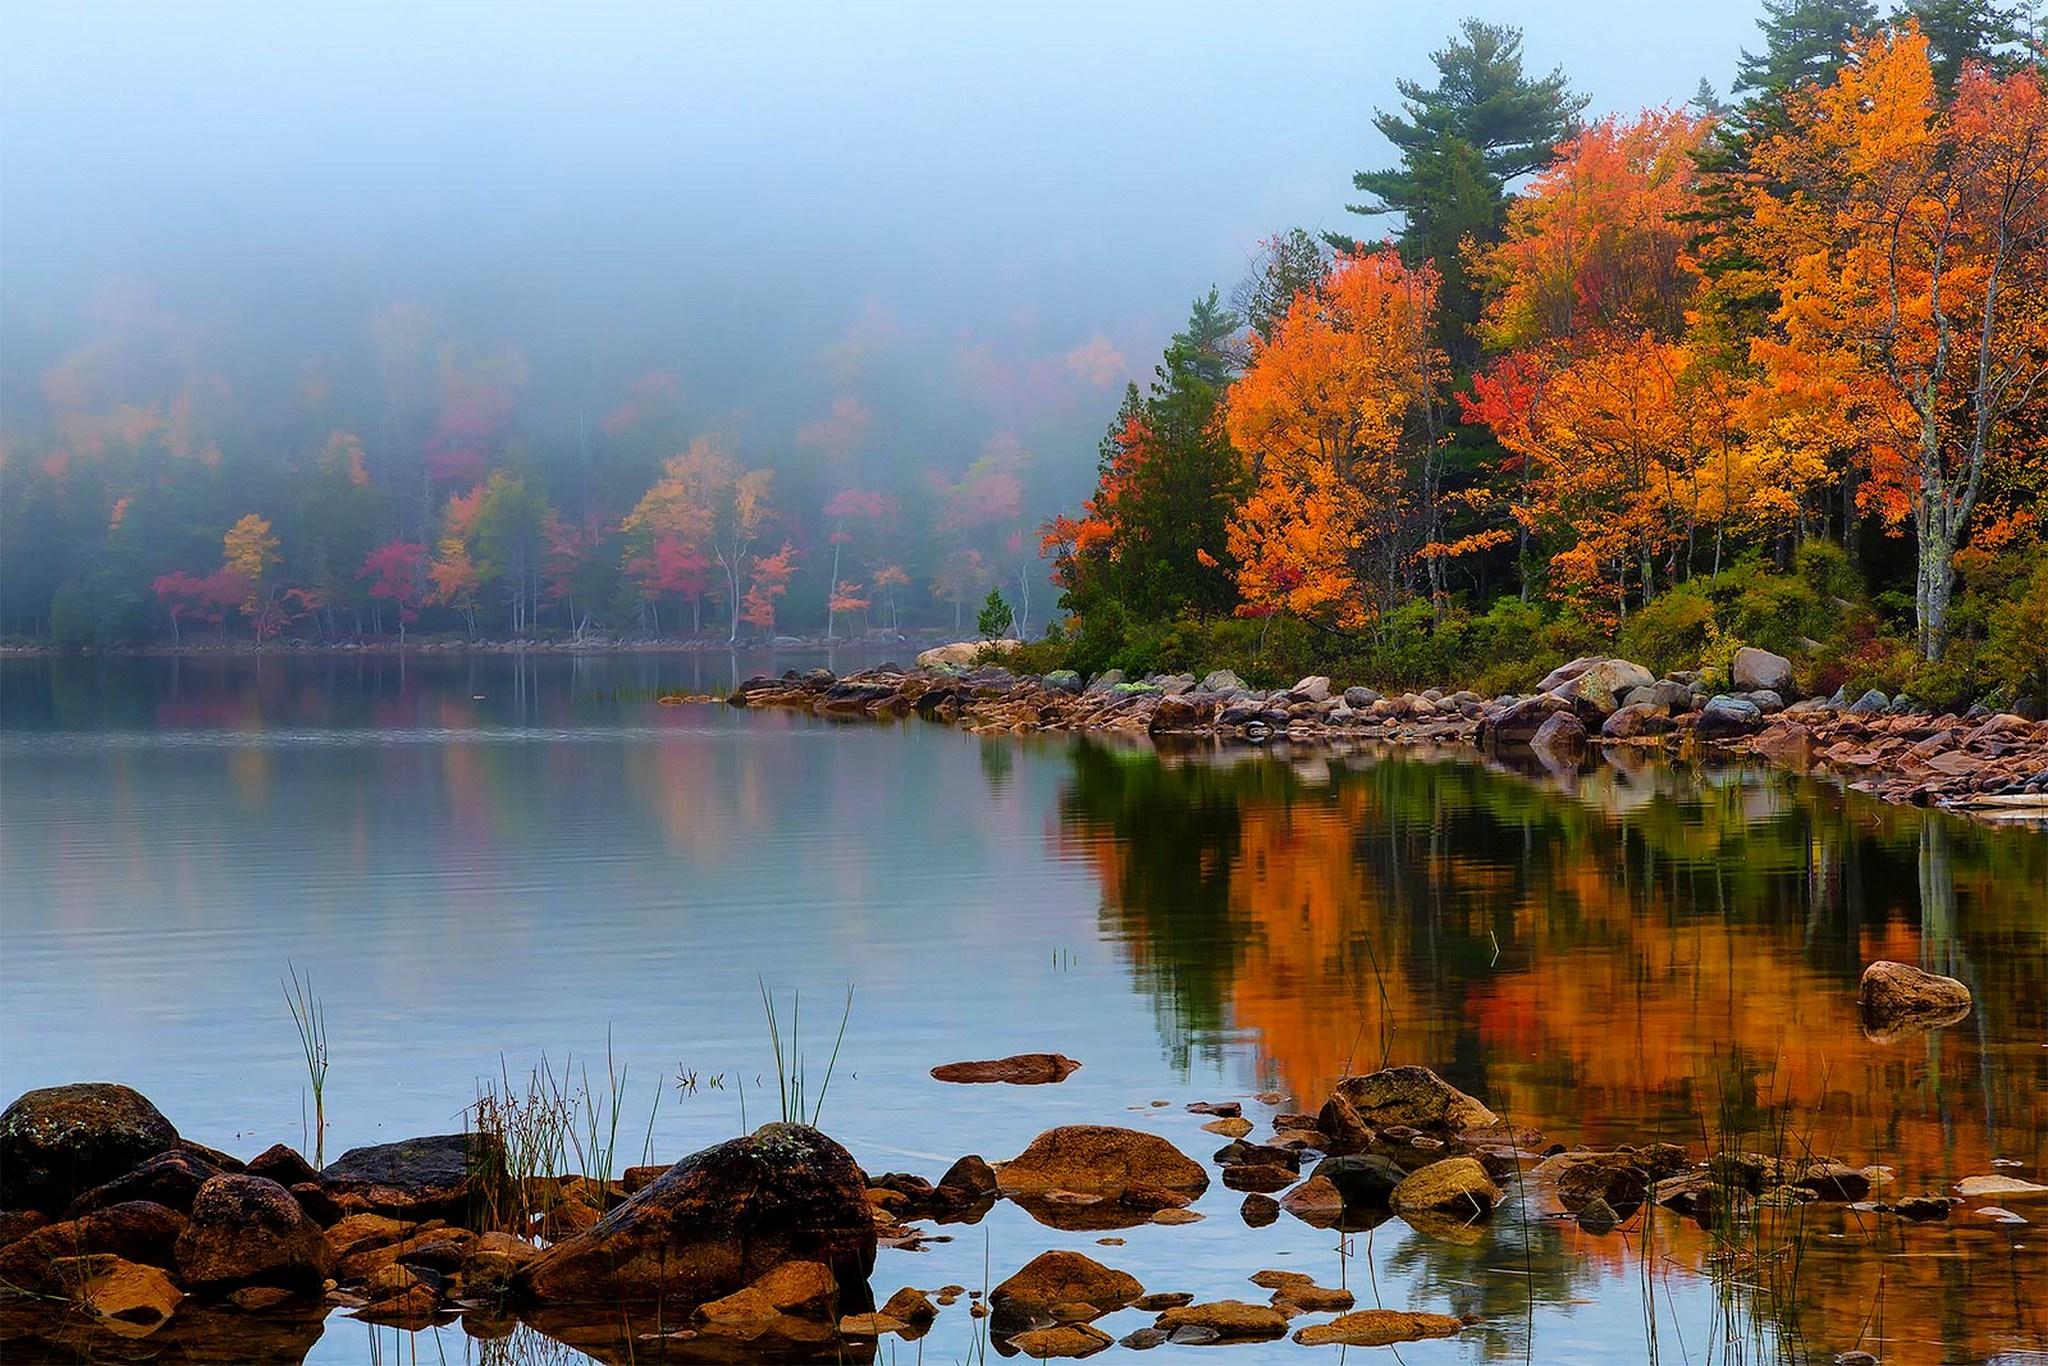 вода озеро осень water the lake autumn  № 1155964 бесплатно